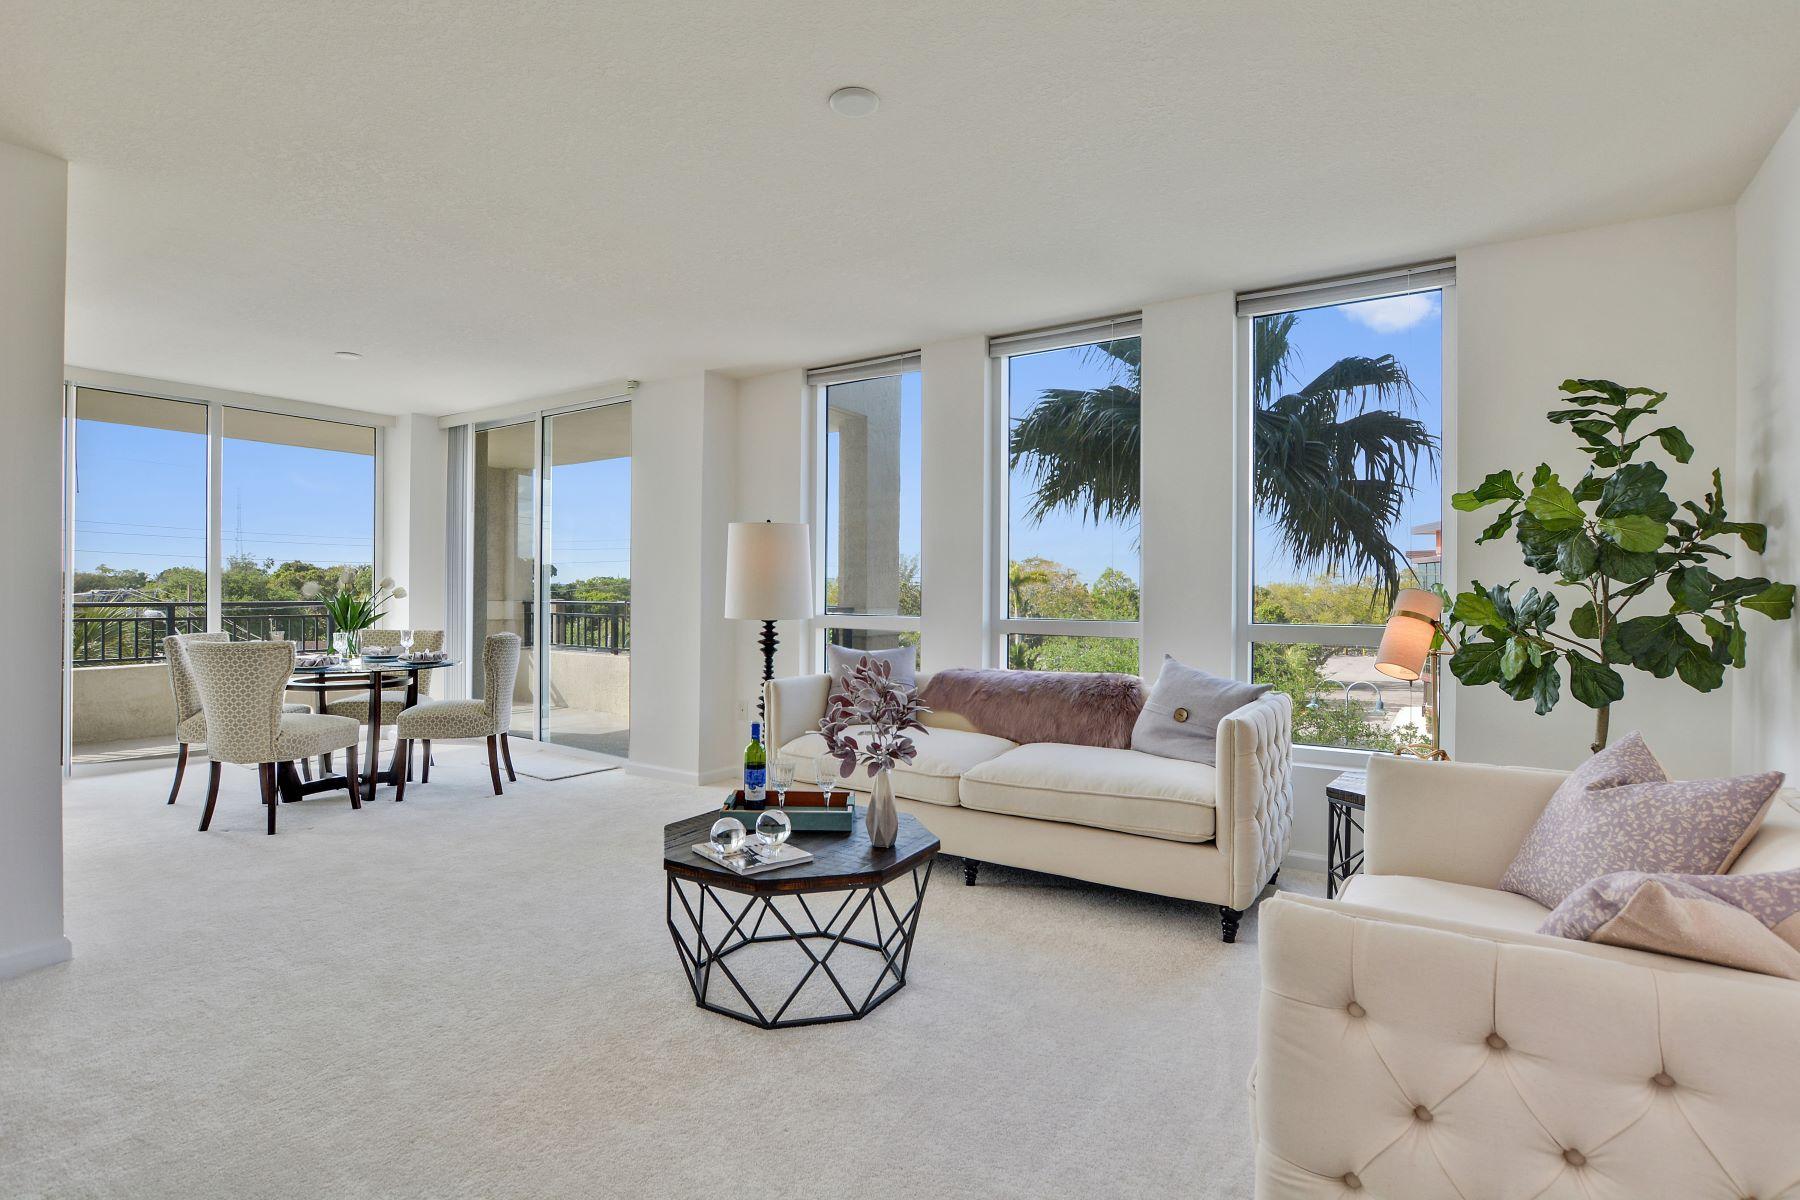 独户住宅 为 销售 在 610 W Las Olas Blvd 610 W Las Olas Blvd 313, 劳德代尔堡, 佛罗里达州, 33312 美国